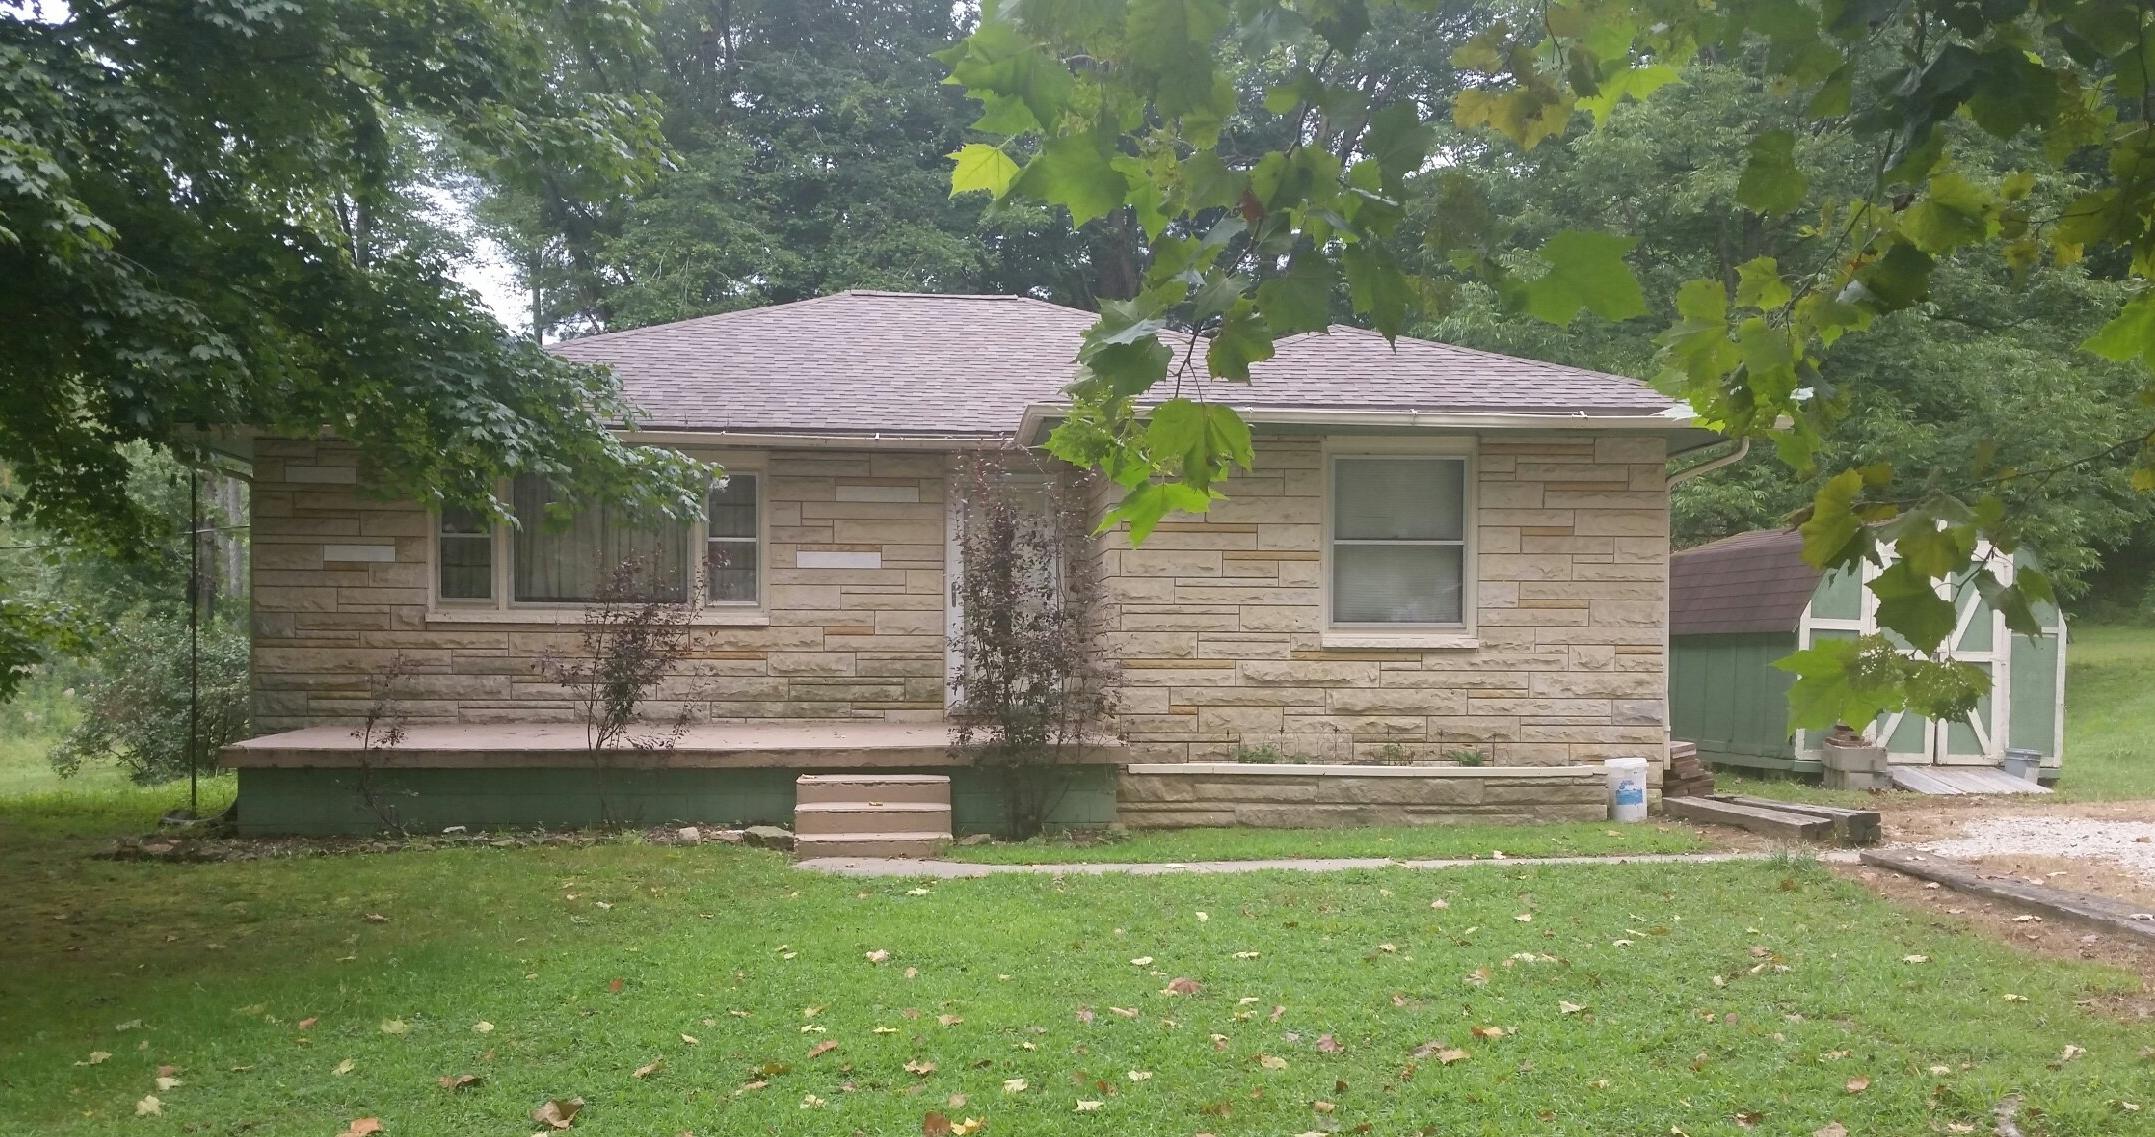 5996 Leaf Branch Lane, Shoals, Indiana 47581